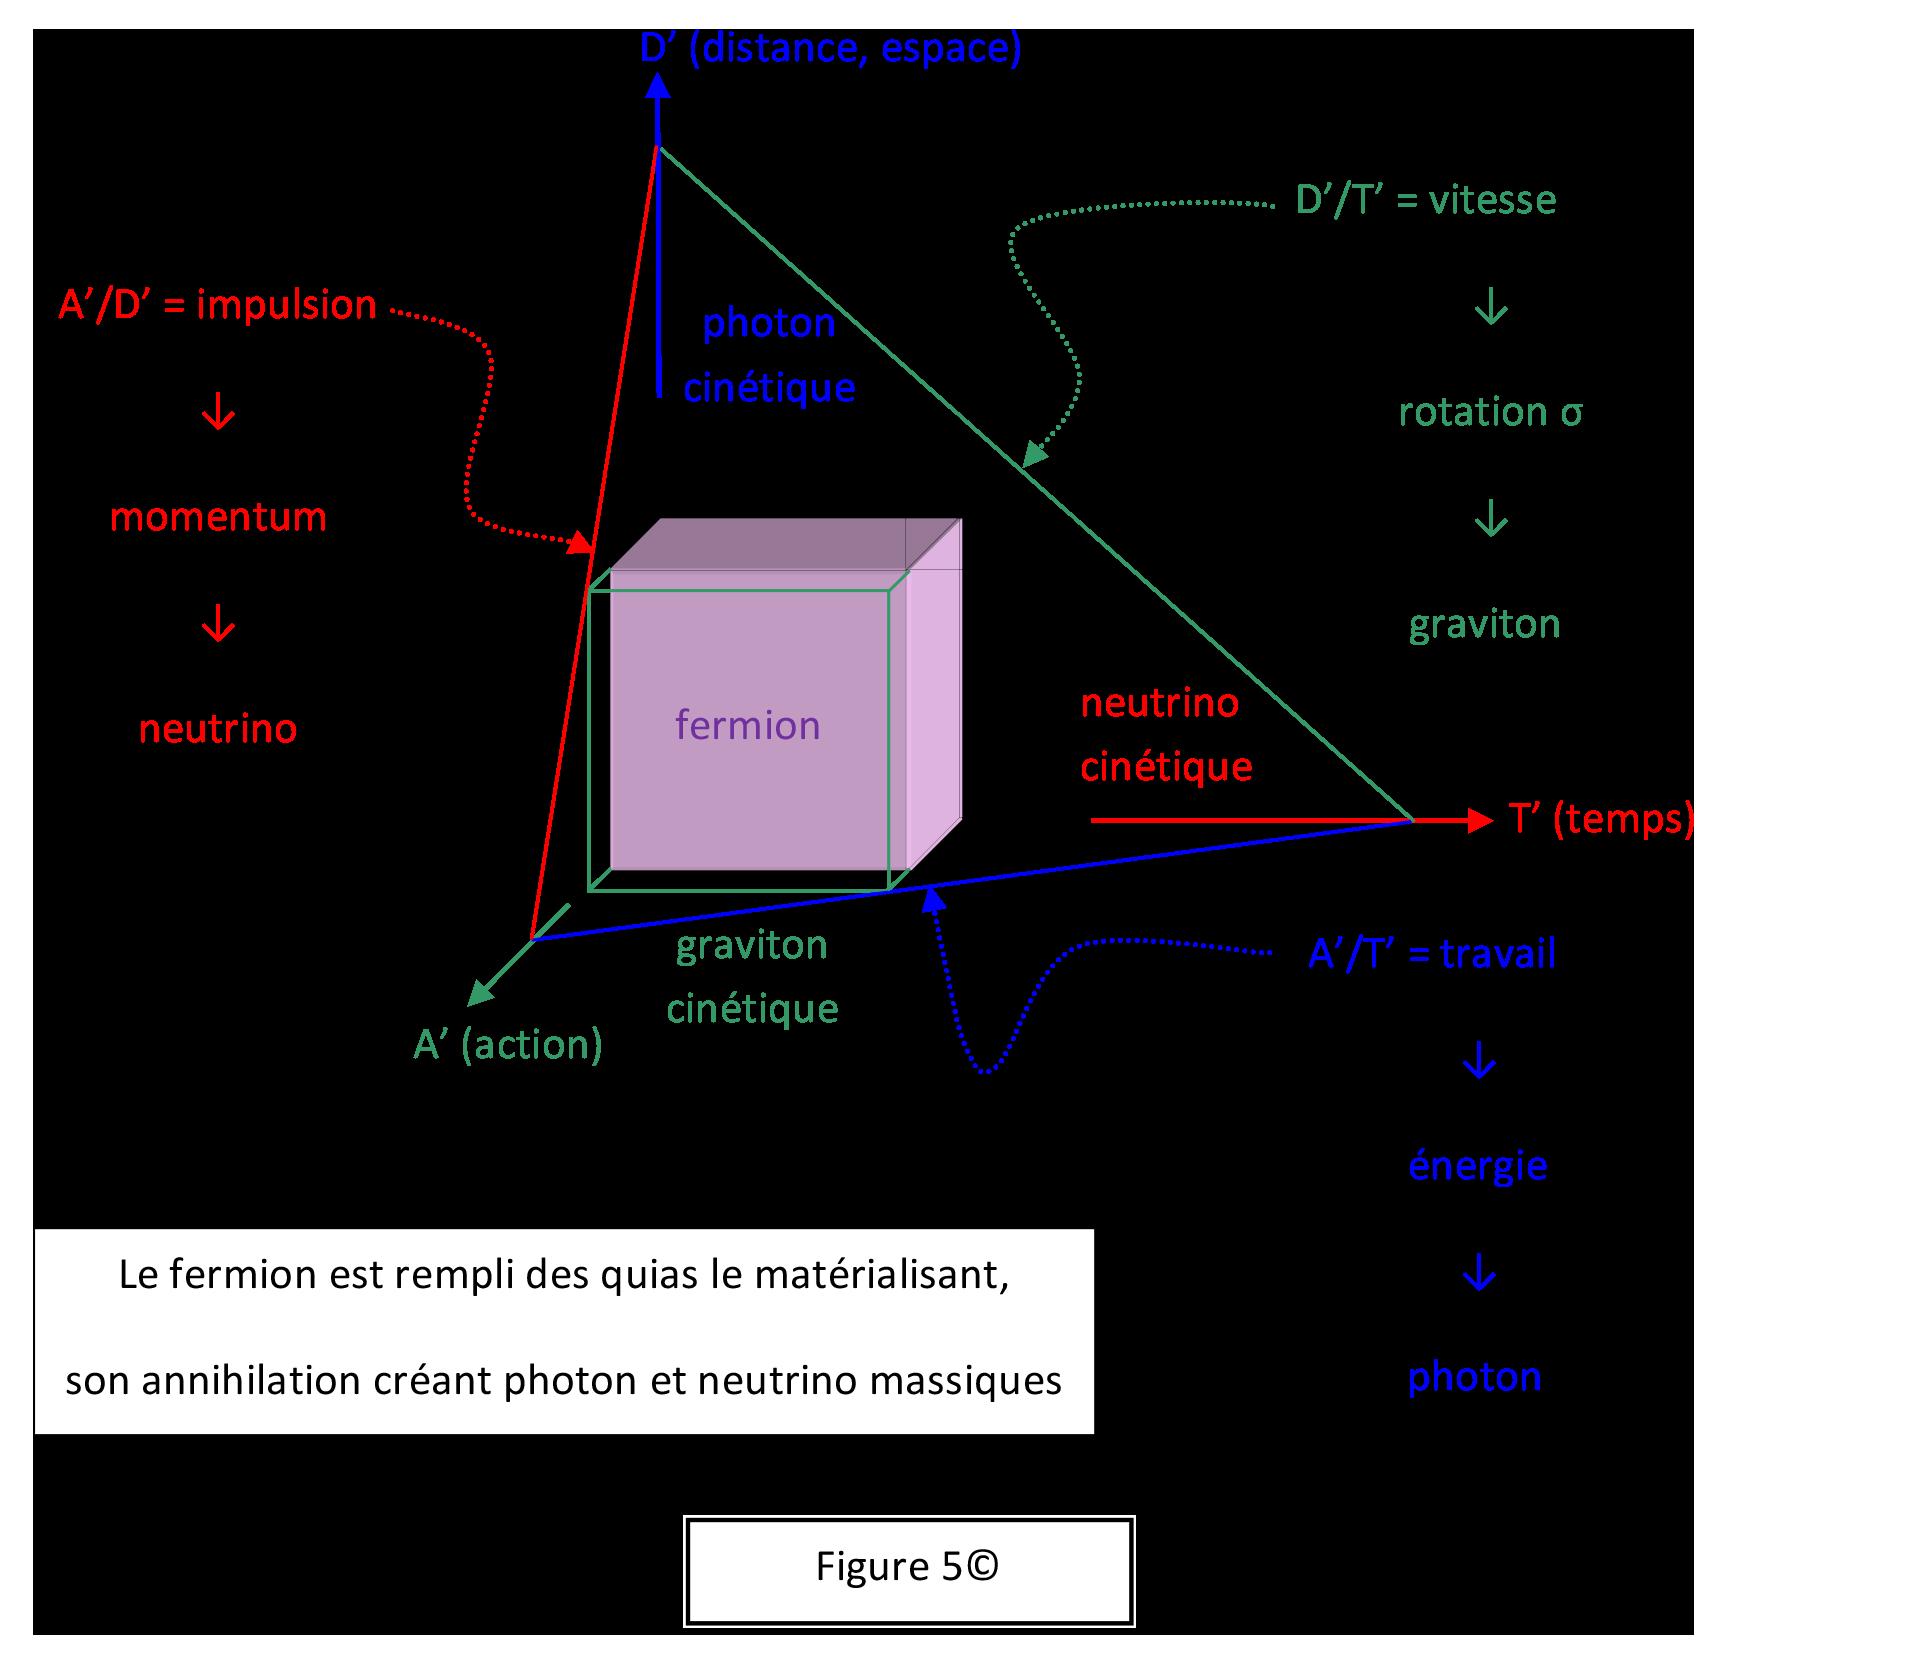 tableau-5